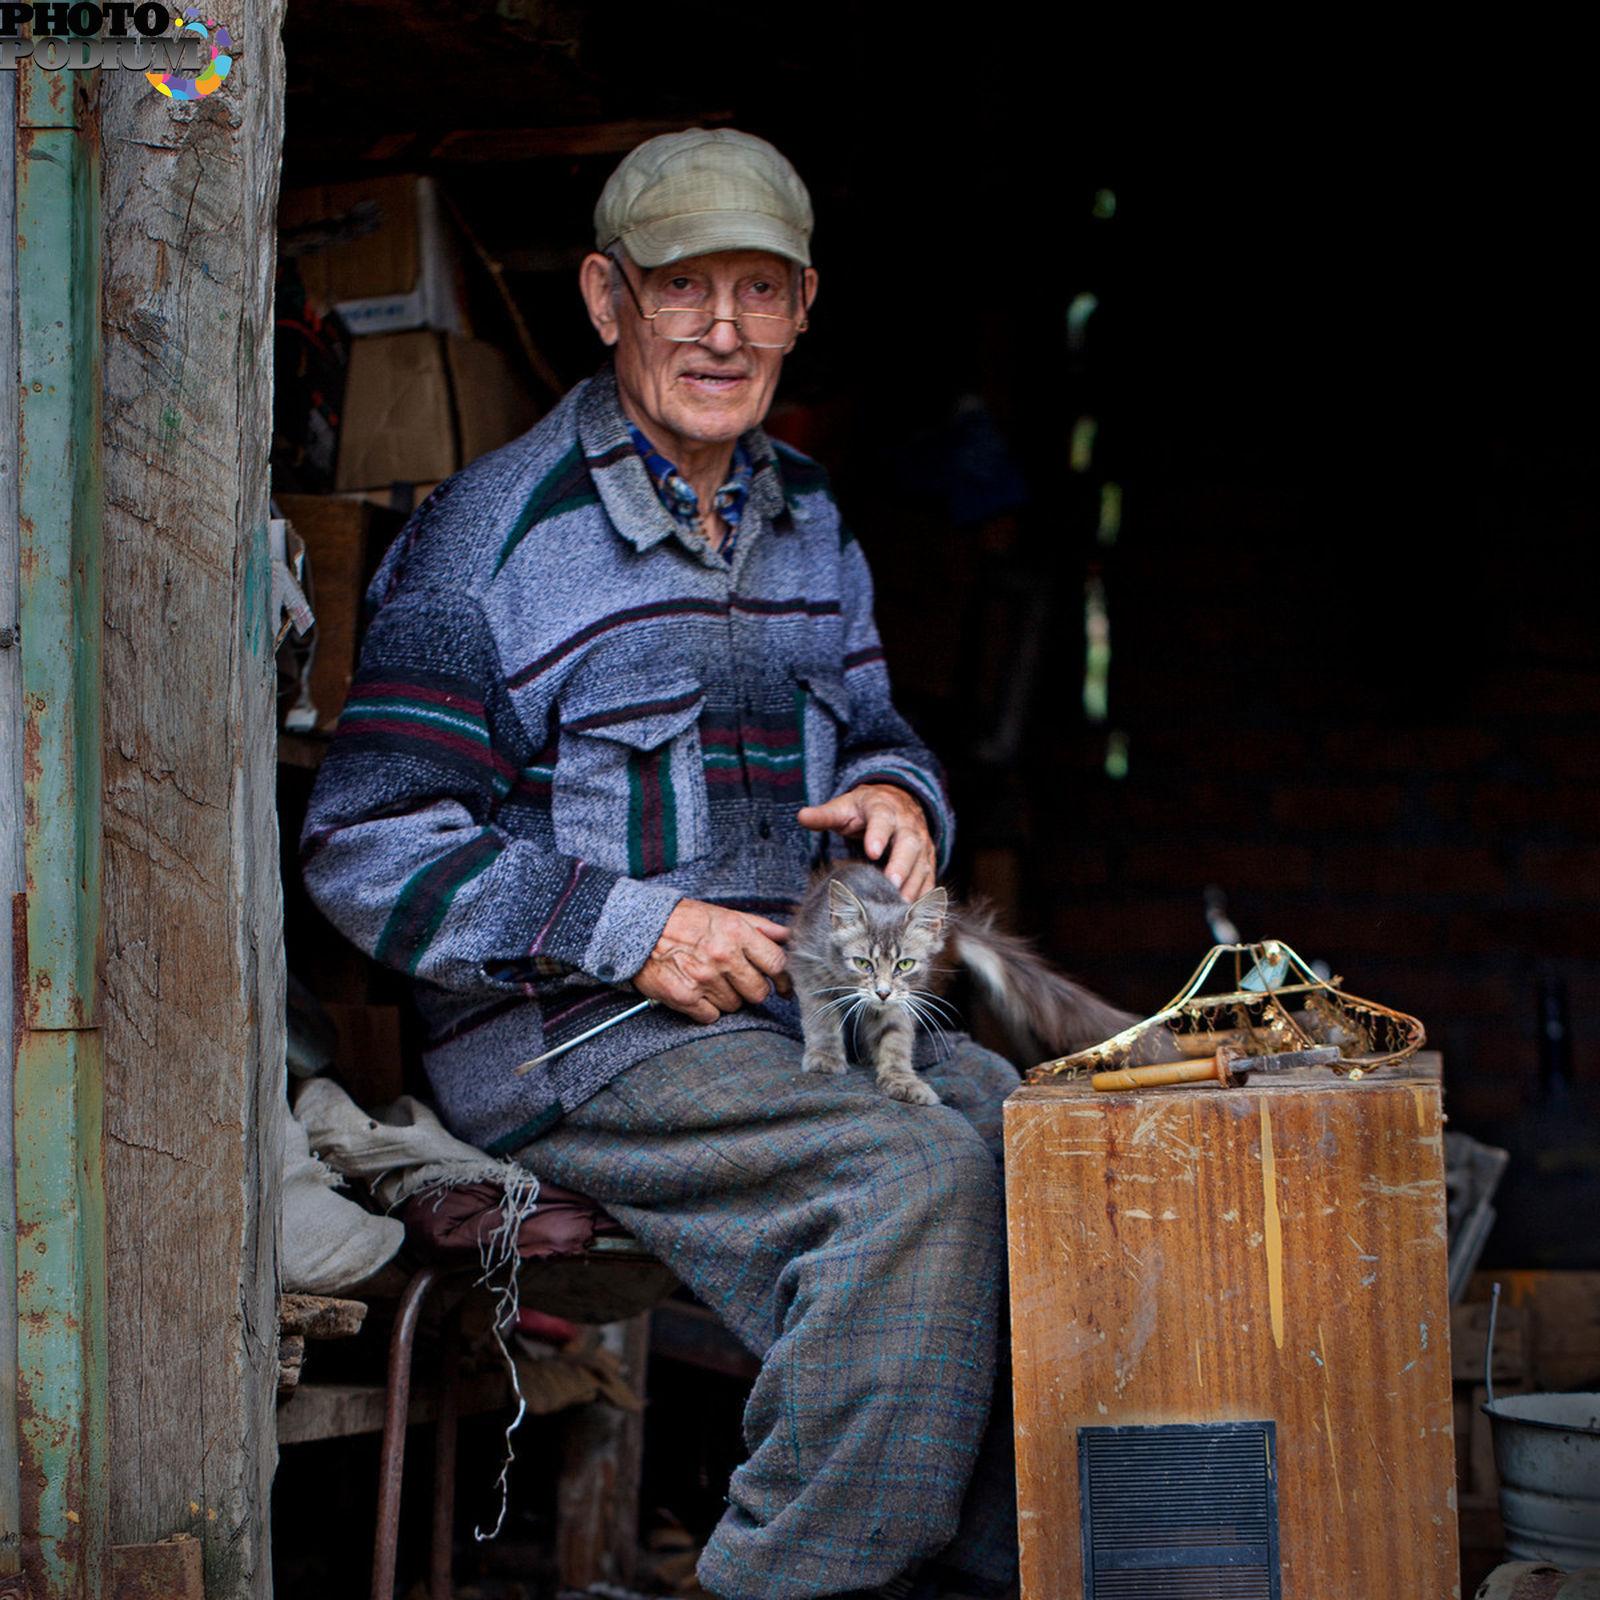 для хорошего фото сельских мастерских является обладателем многих